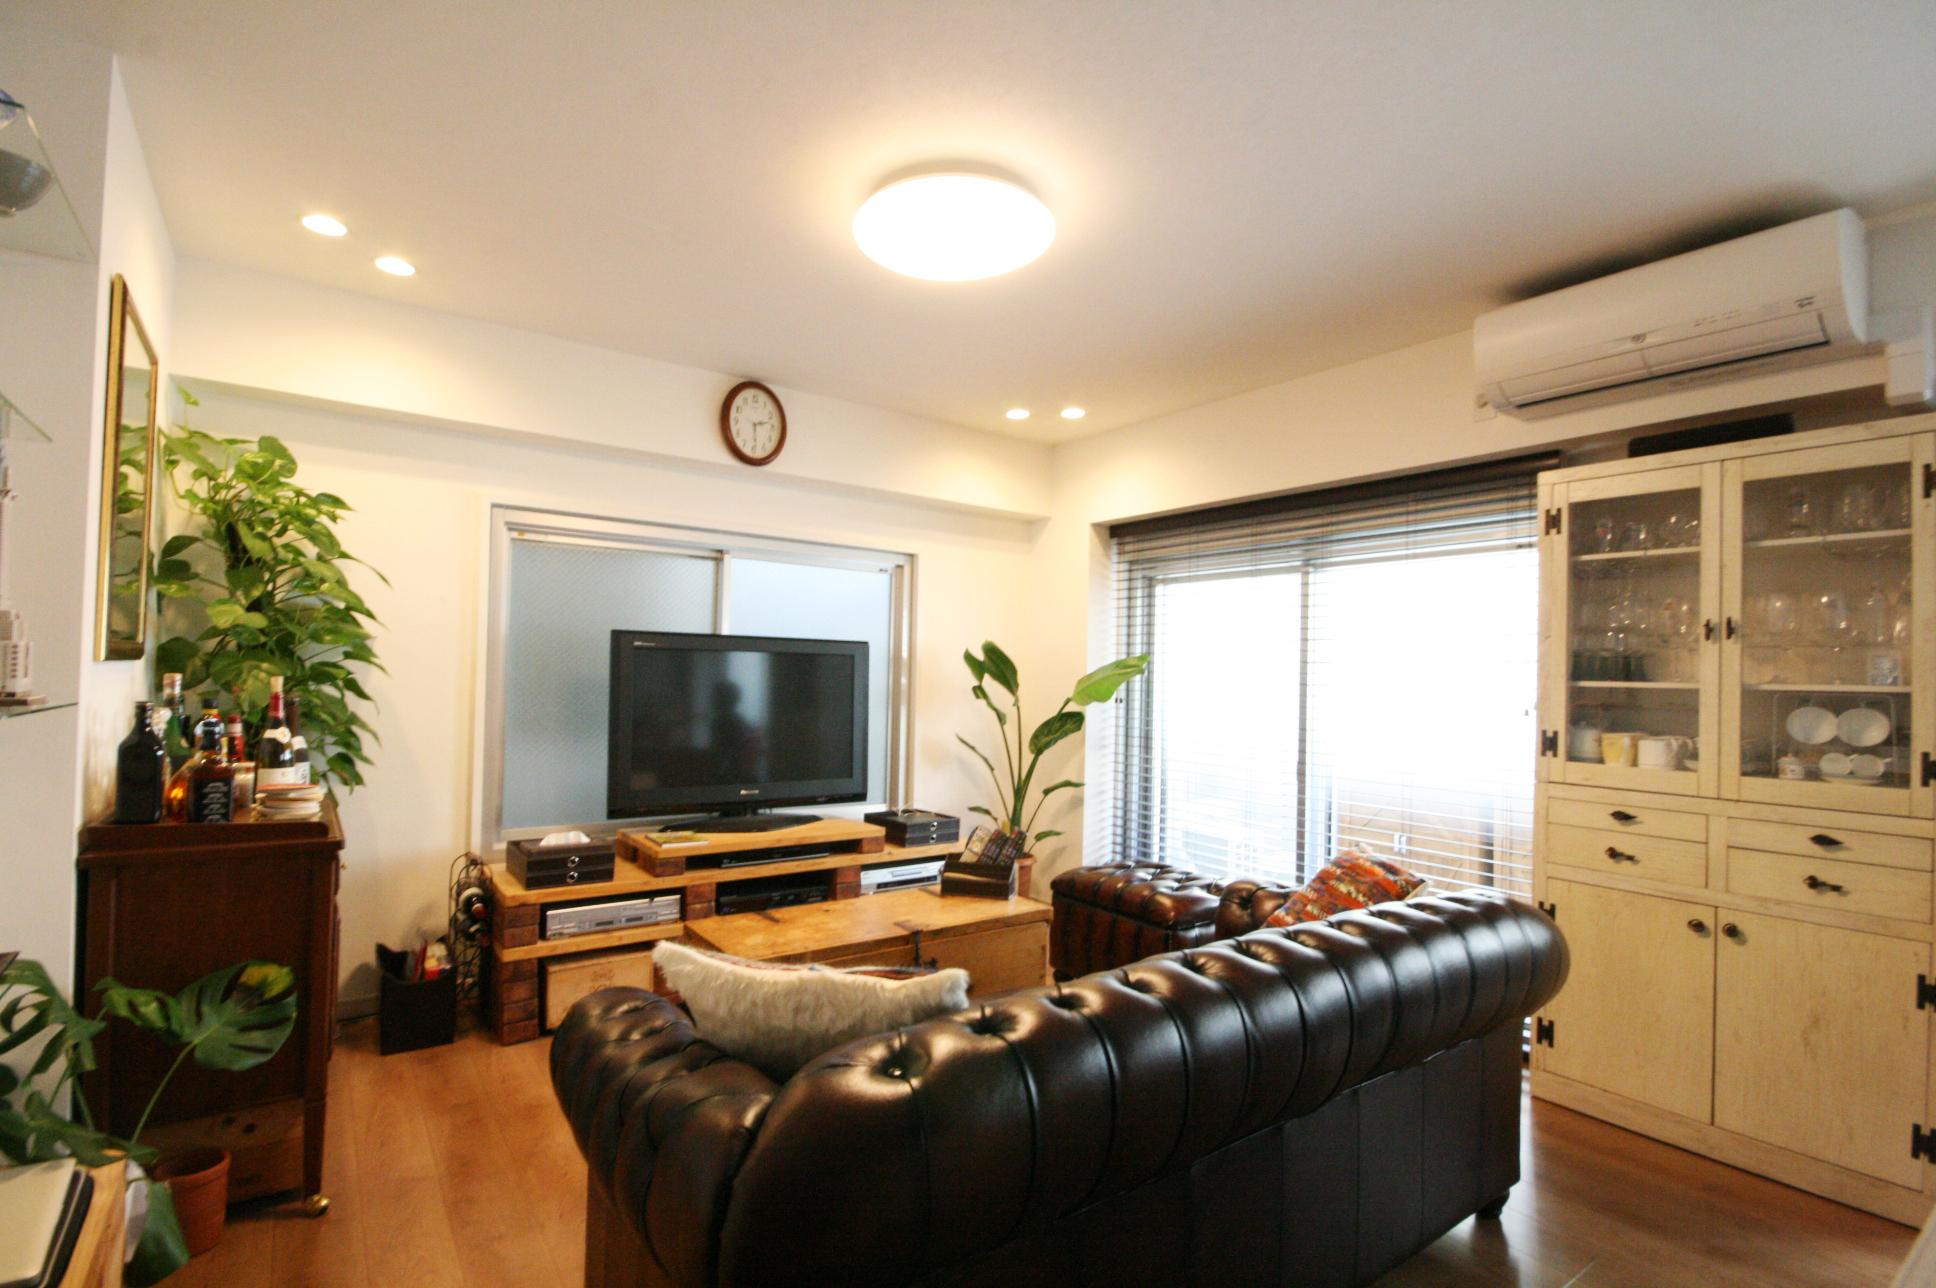 渋谷区 Y邸 ミッドセンチュリーな空間の部屋 リビング